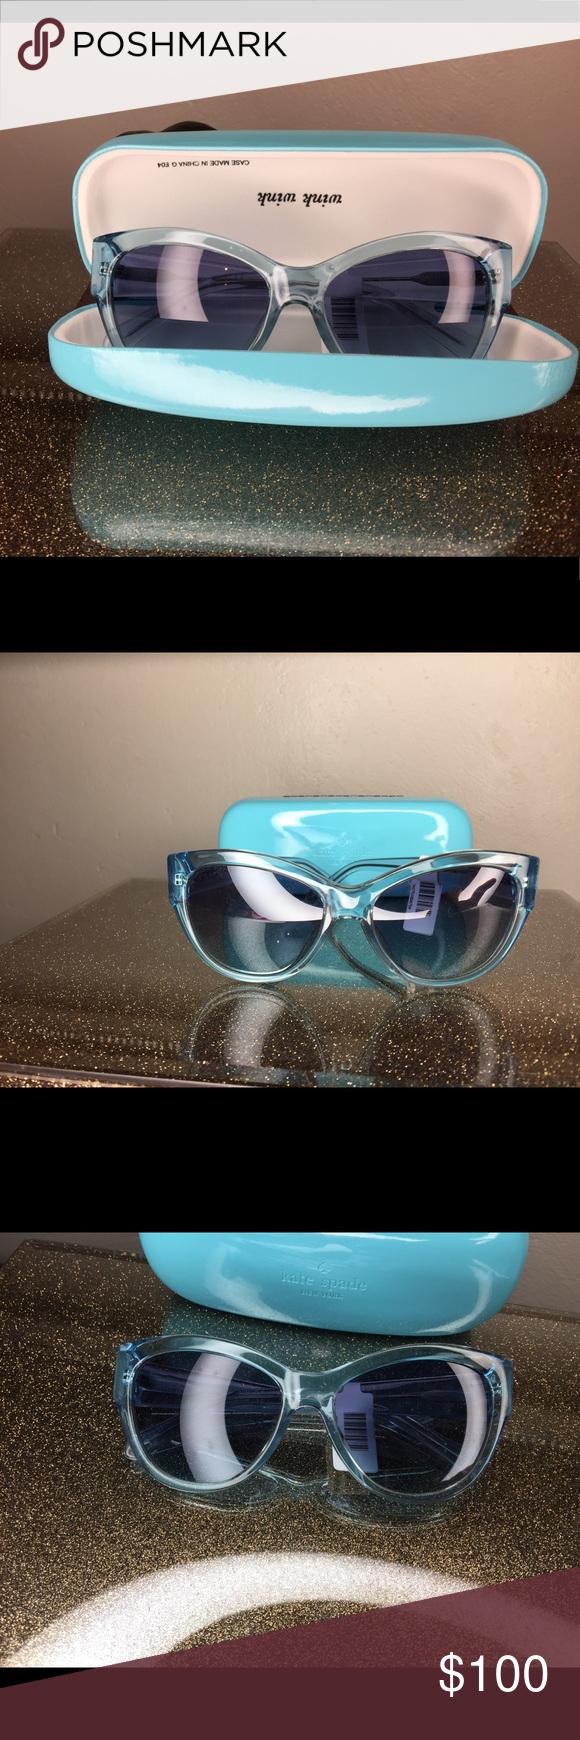 b3b45f6811 ♤️Kate spade Dandra sunglasses